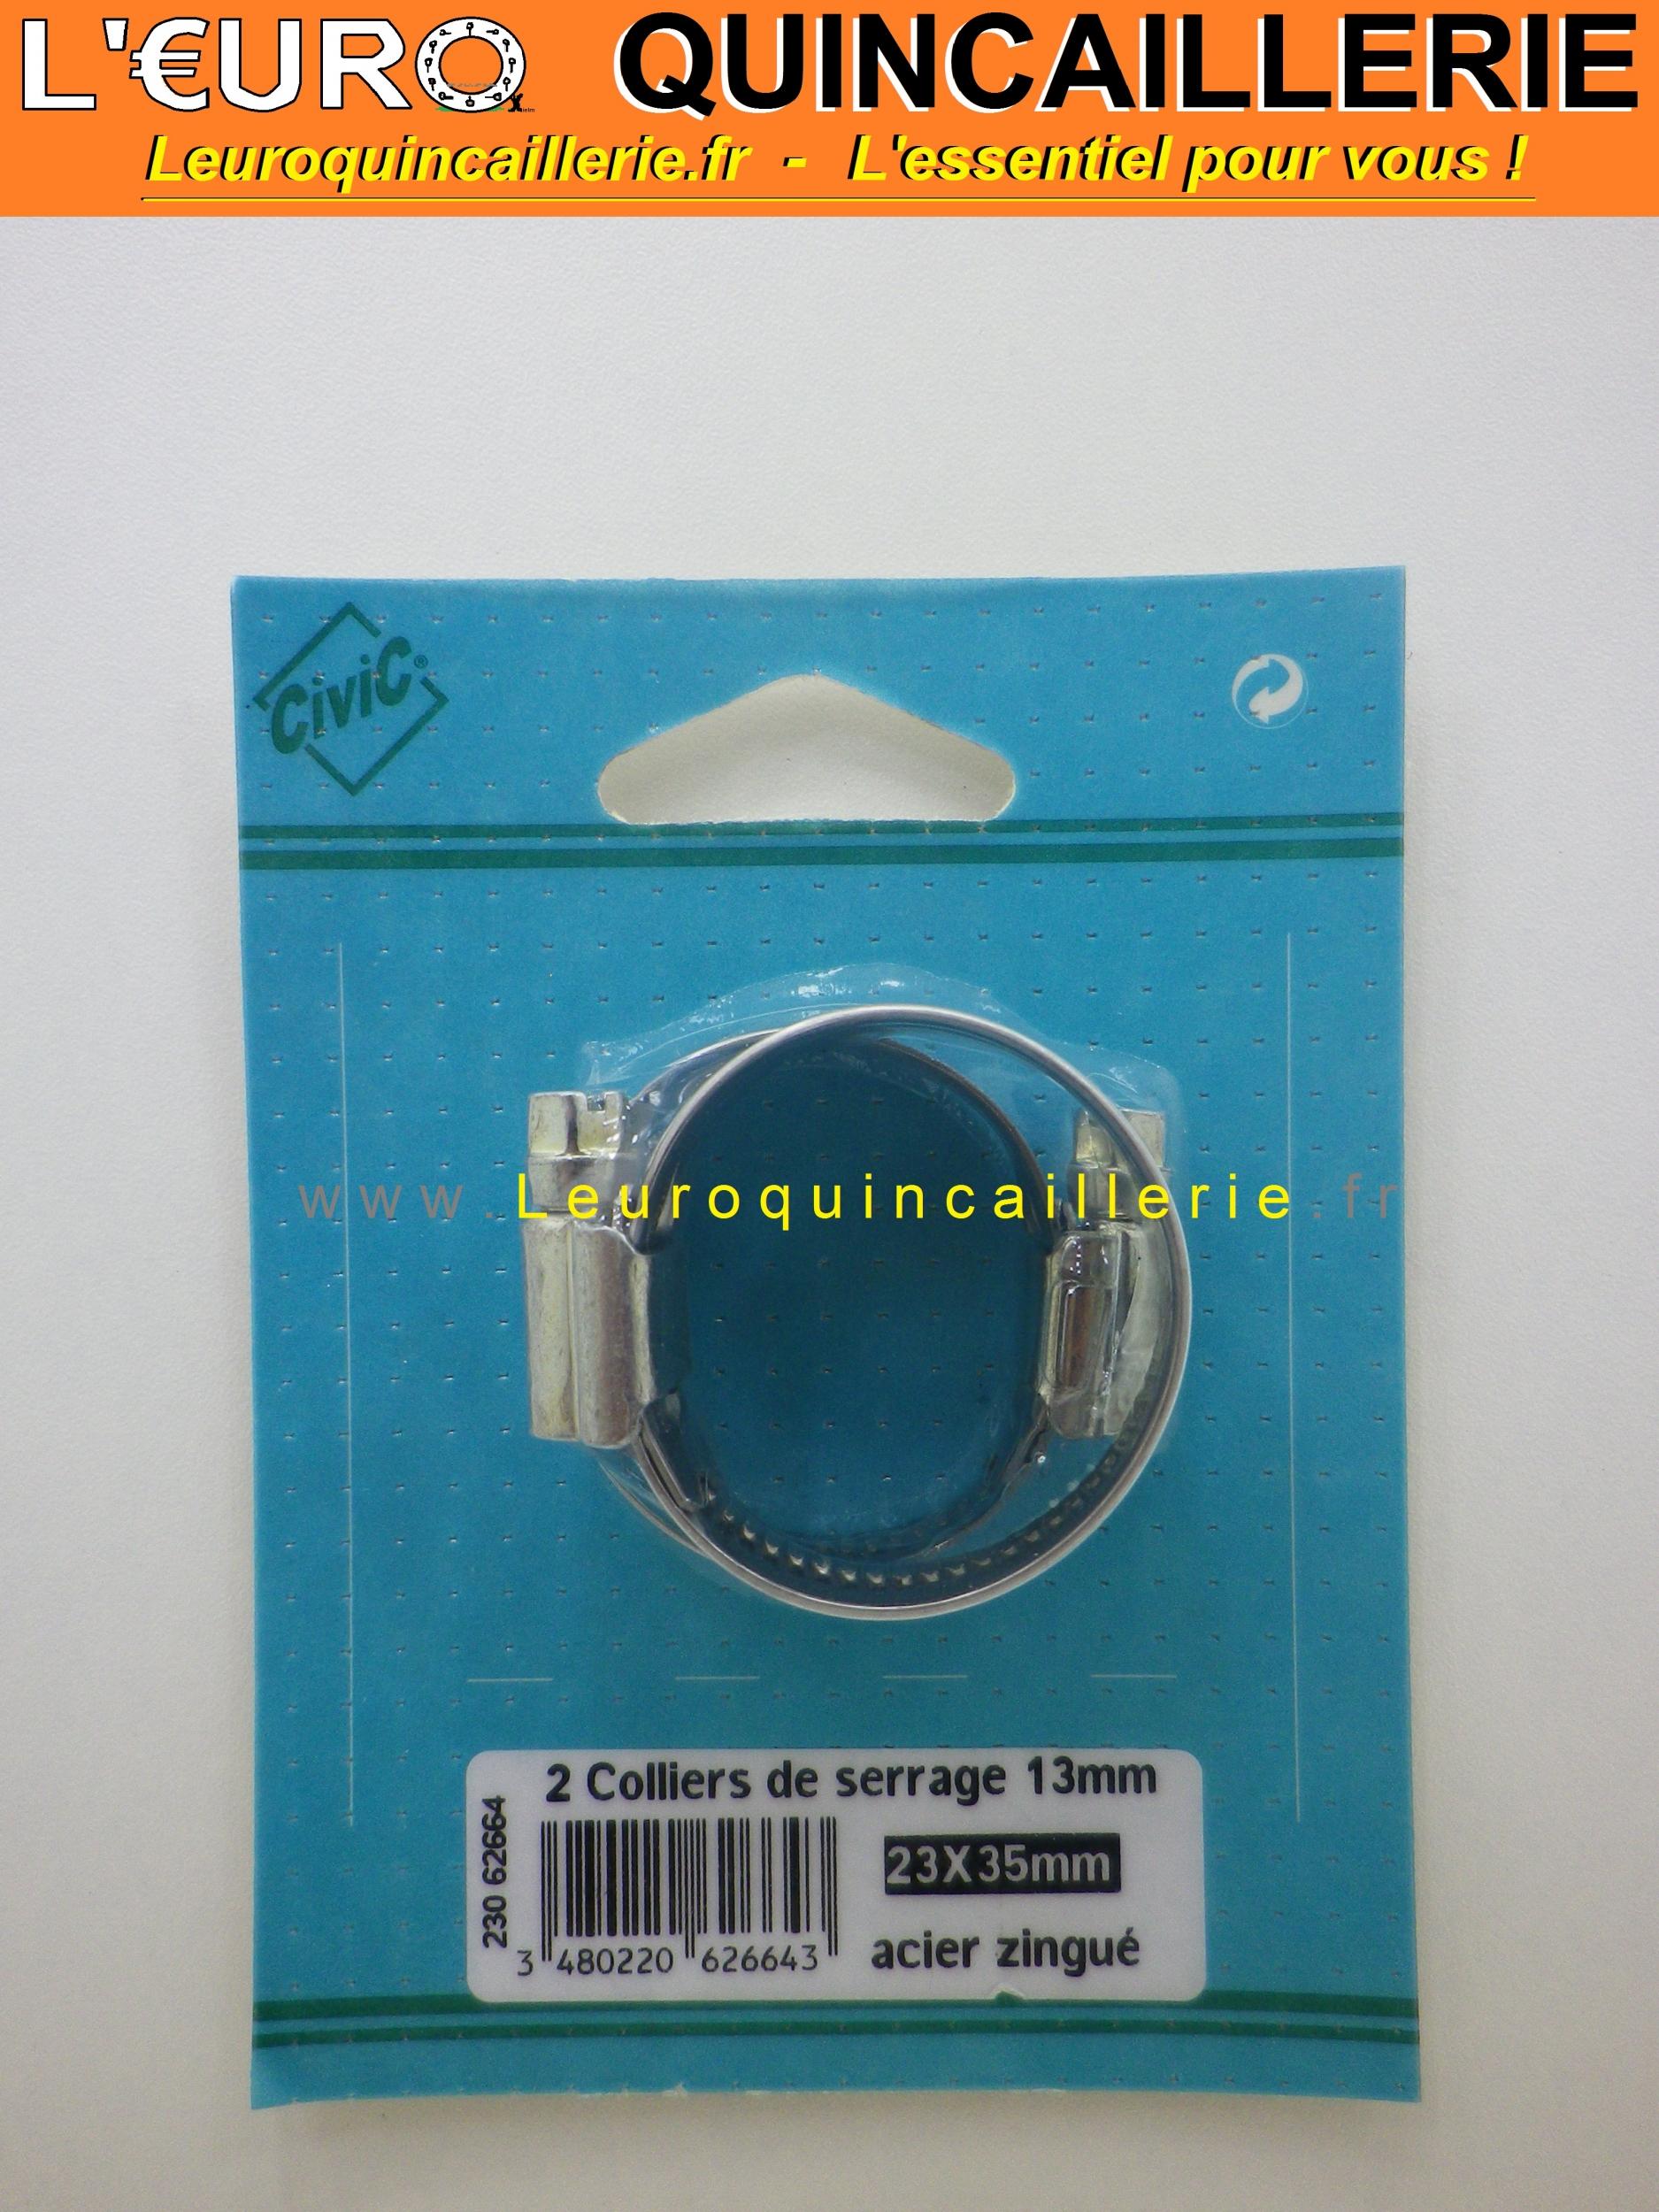 Collier de serrage 23 à 35 mm